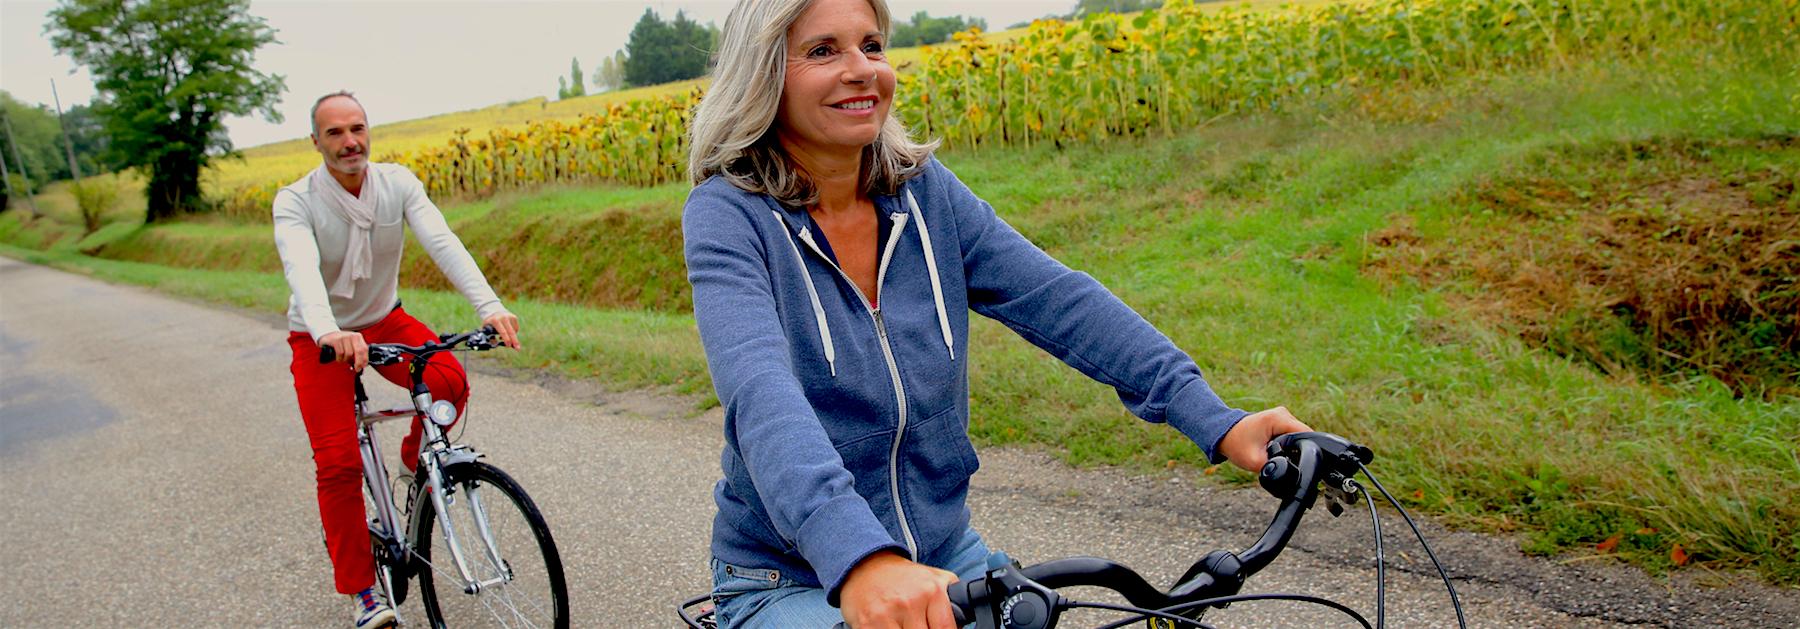 Jen + Peter riding bikes